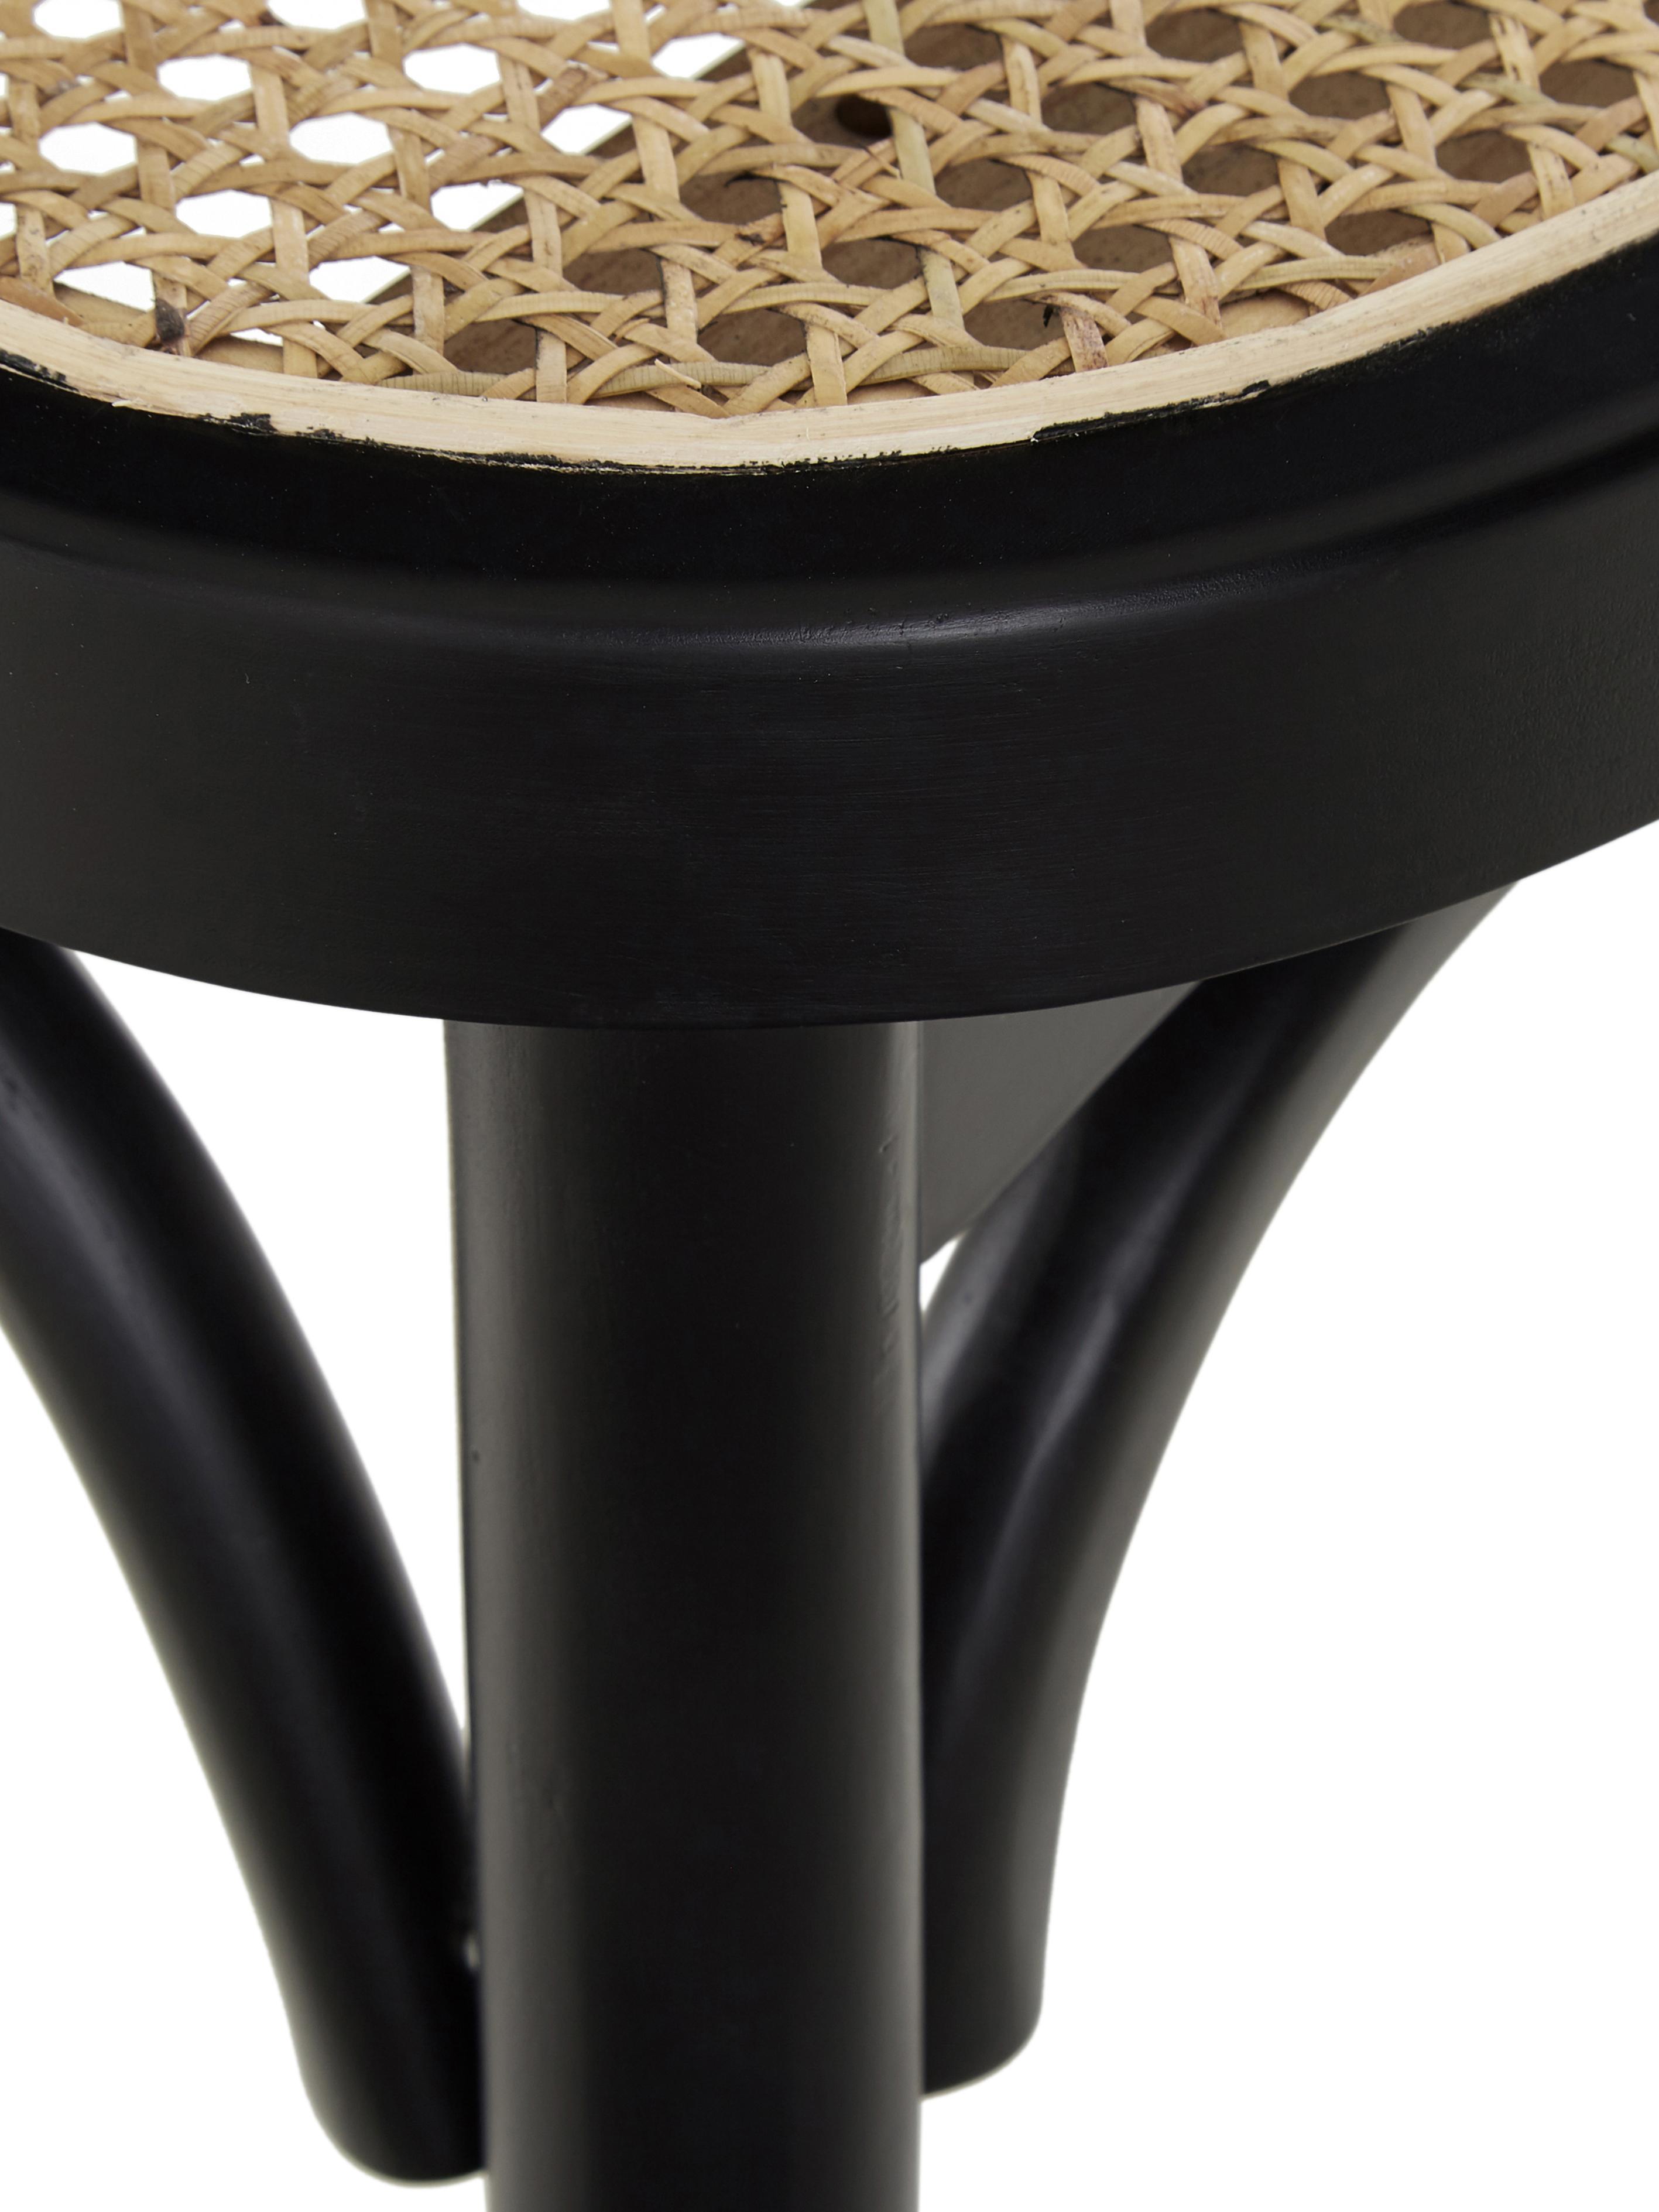 Sitzbank Franz mit Wiener Geflecht, Sitzfläche: Rattan, Gestell: Massives Birkenholz, lack, Sitzfläche: RattanGestell: Birkenholz, schwarz lackiert, 110 x 46 cm